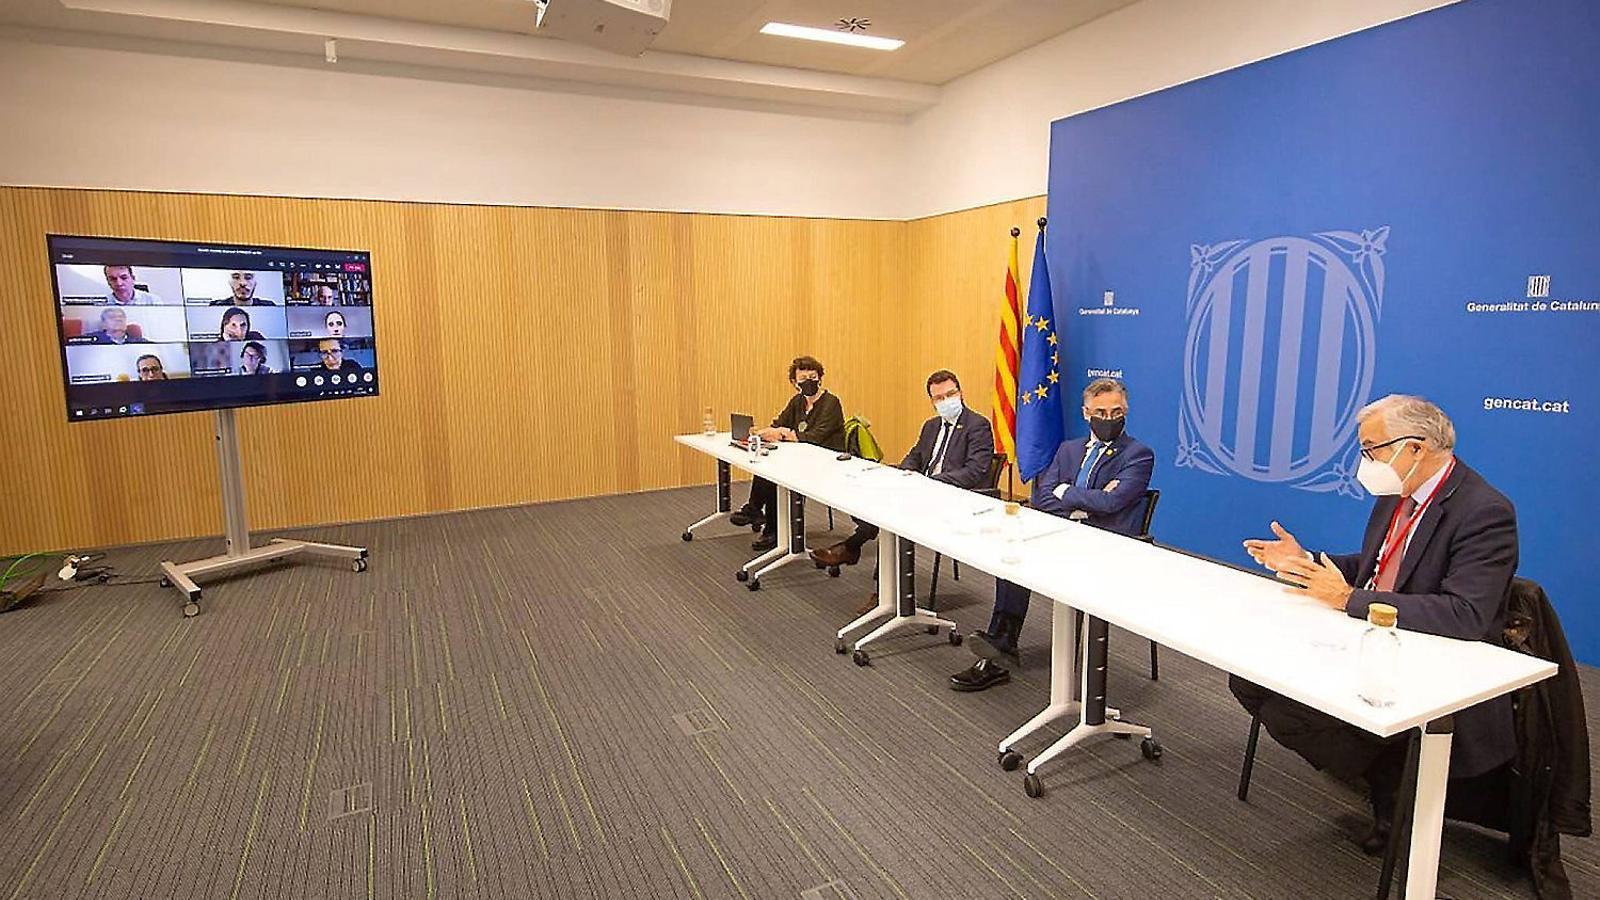 Imatge de la trobada d'ahir del comitè d'assessors de la Generalitat per a la gestió dels fons antipandèmia de la Unió Europea.